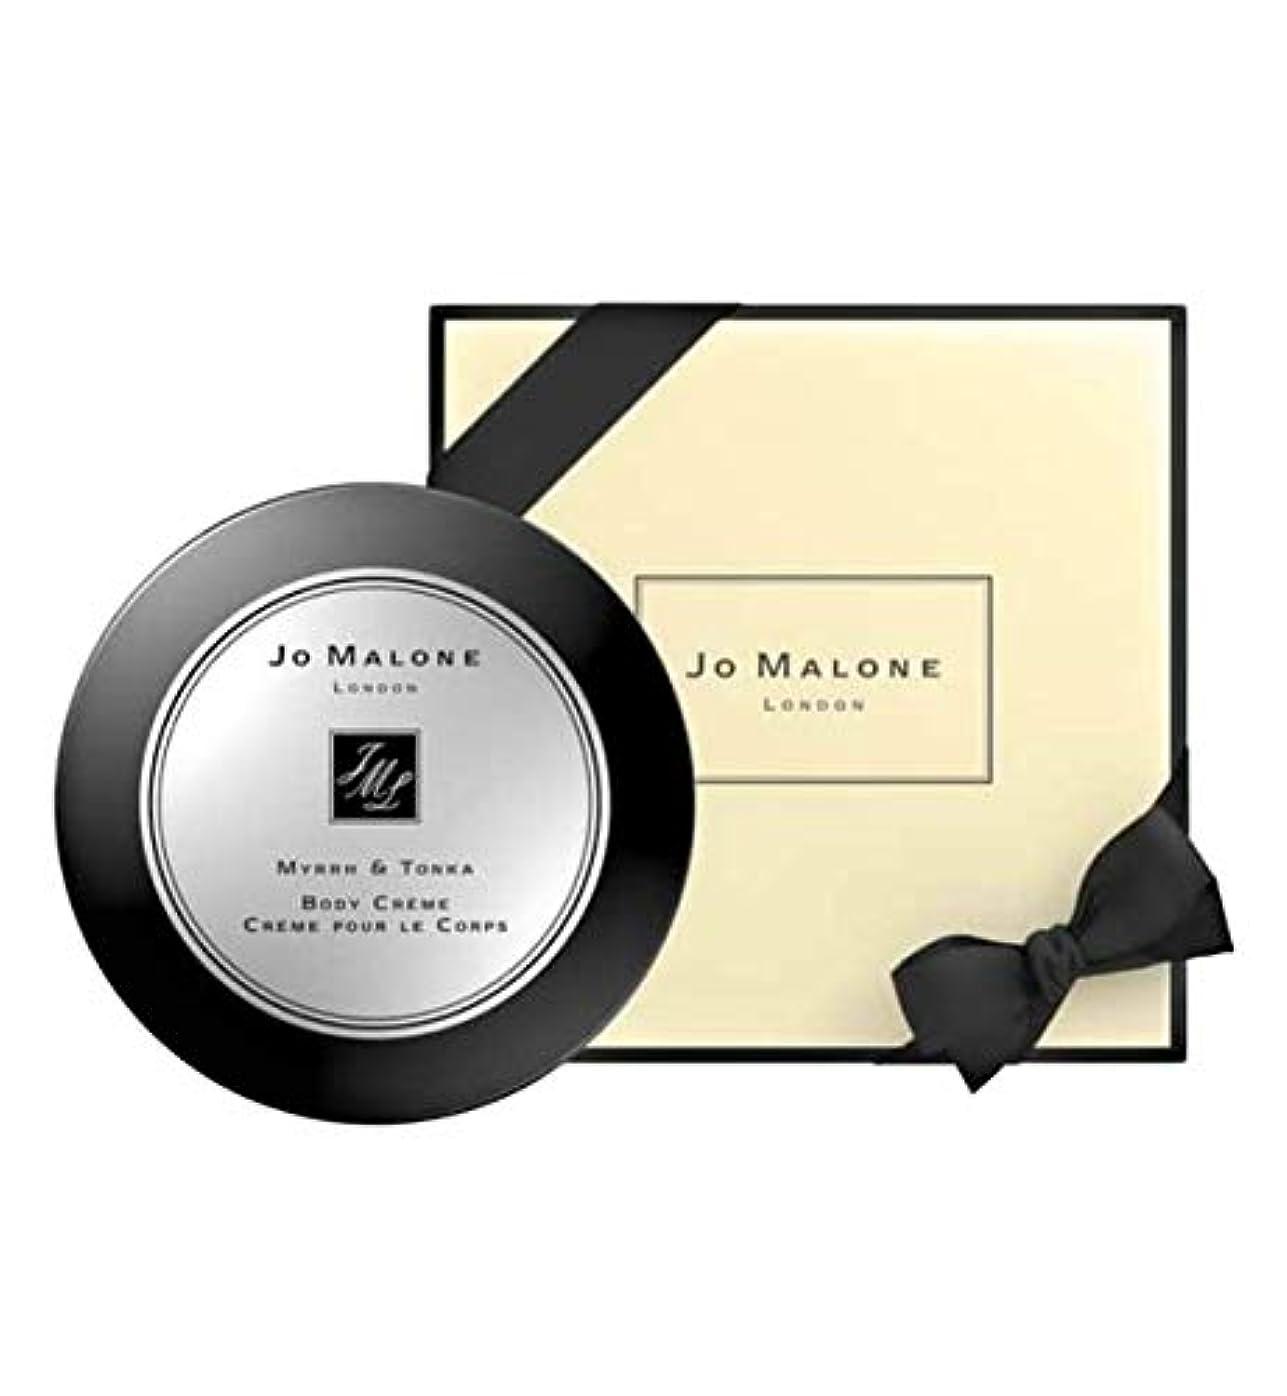 繊細抵当倍率JO MALONE LONDON(ジョー マローン ロンドン) ミルラ & トンカ ボディ クレーム 175ml